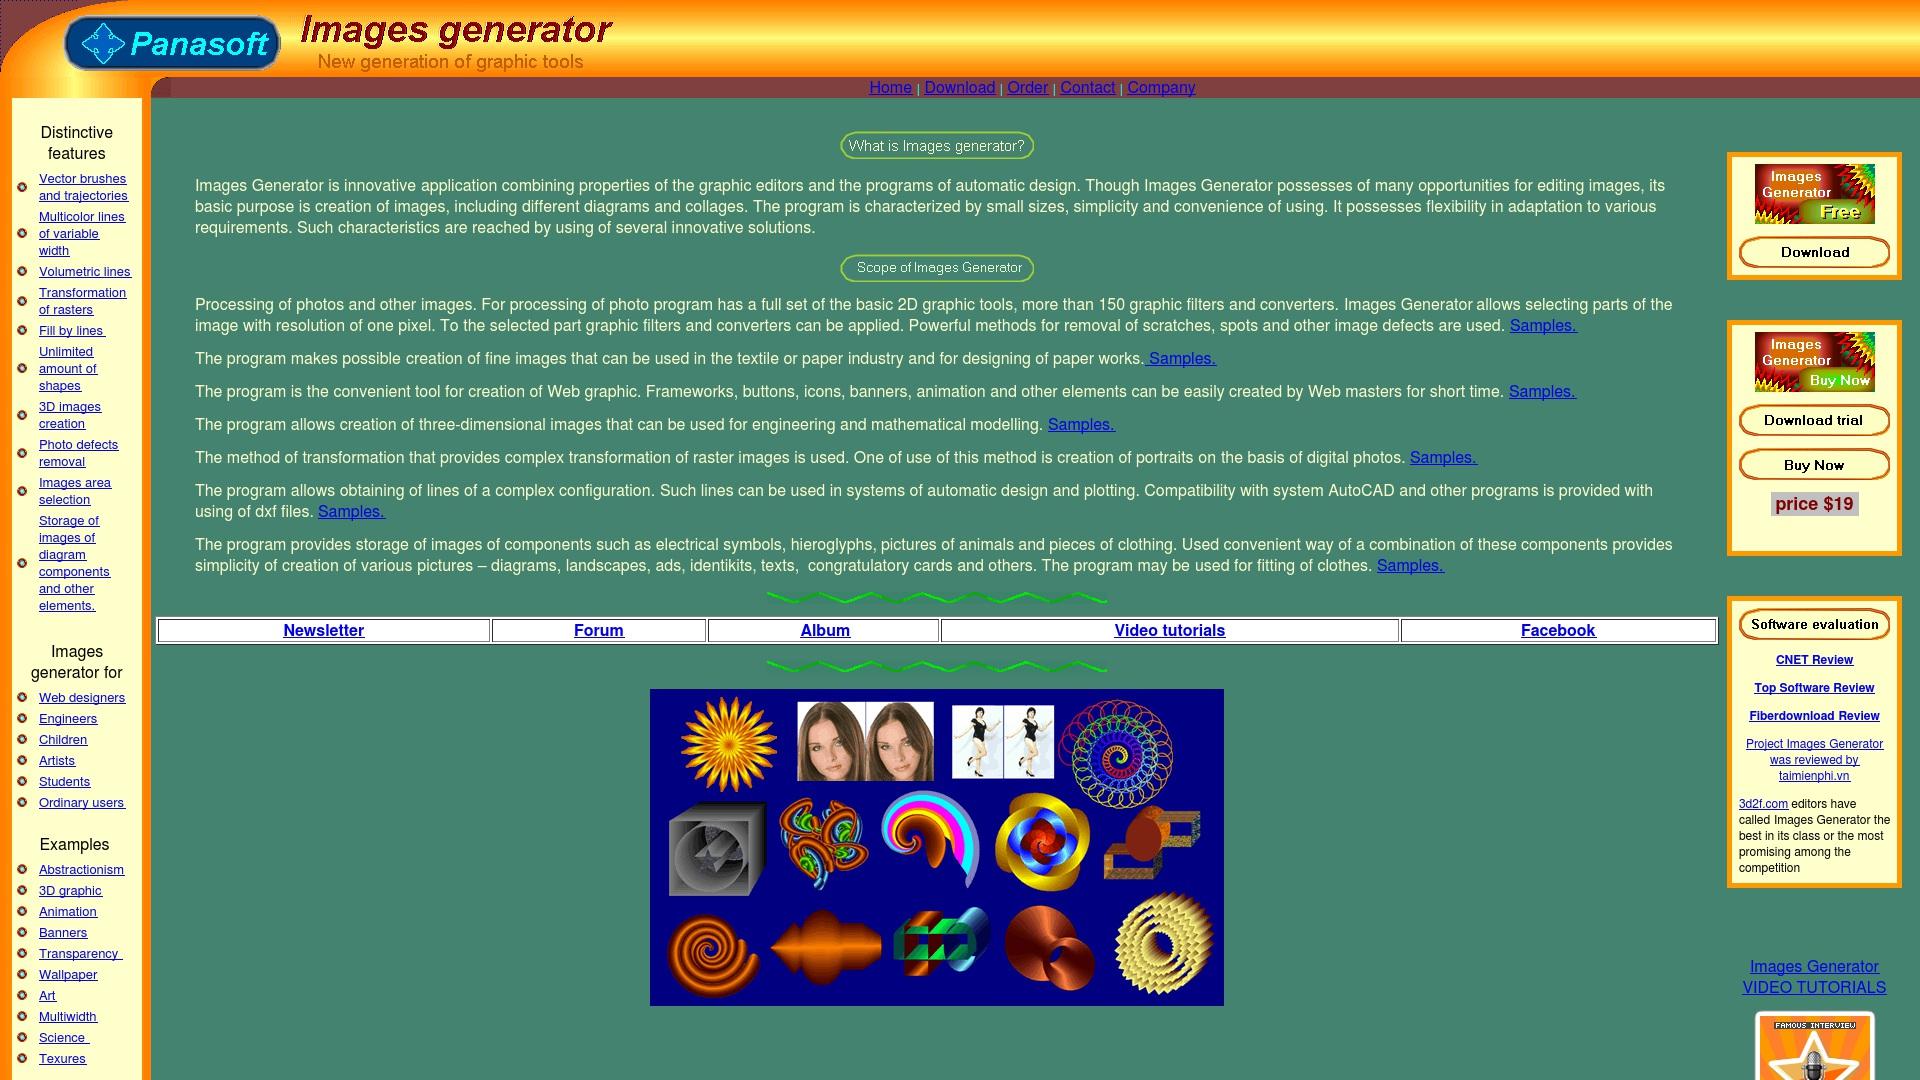 Gutschein für Imagesgenerator: Rabatte für  Imagesgenerator sichern